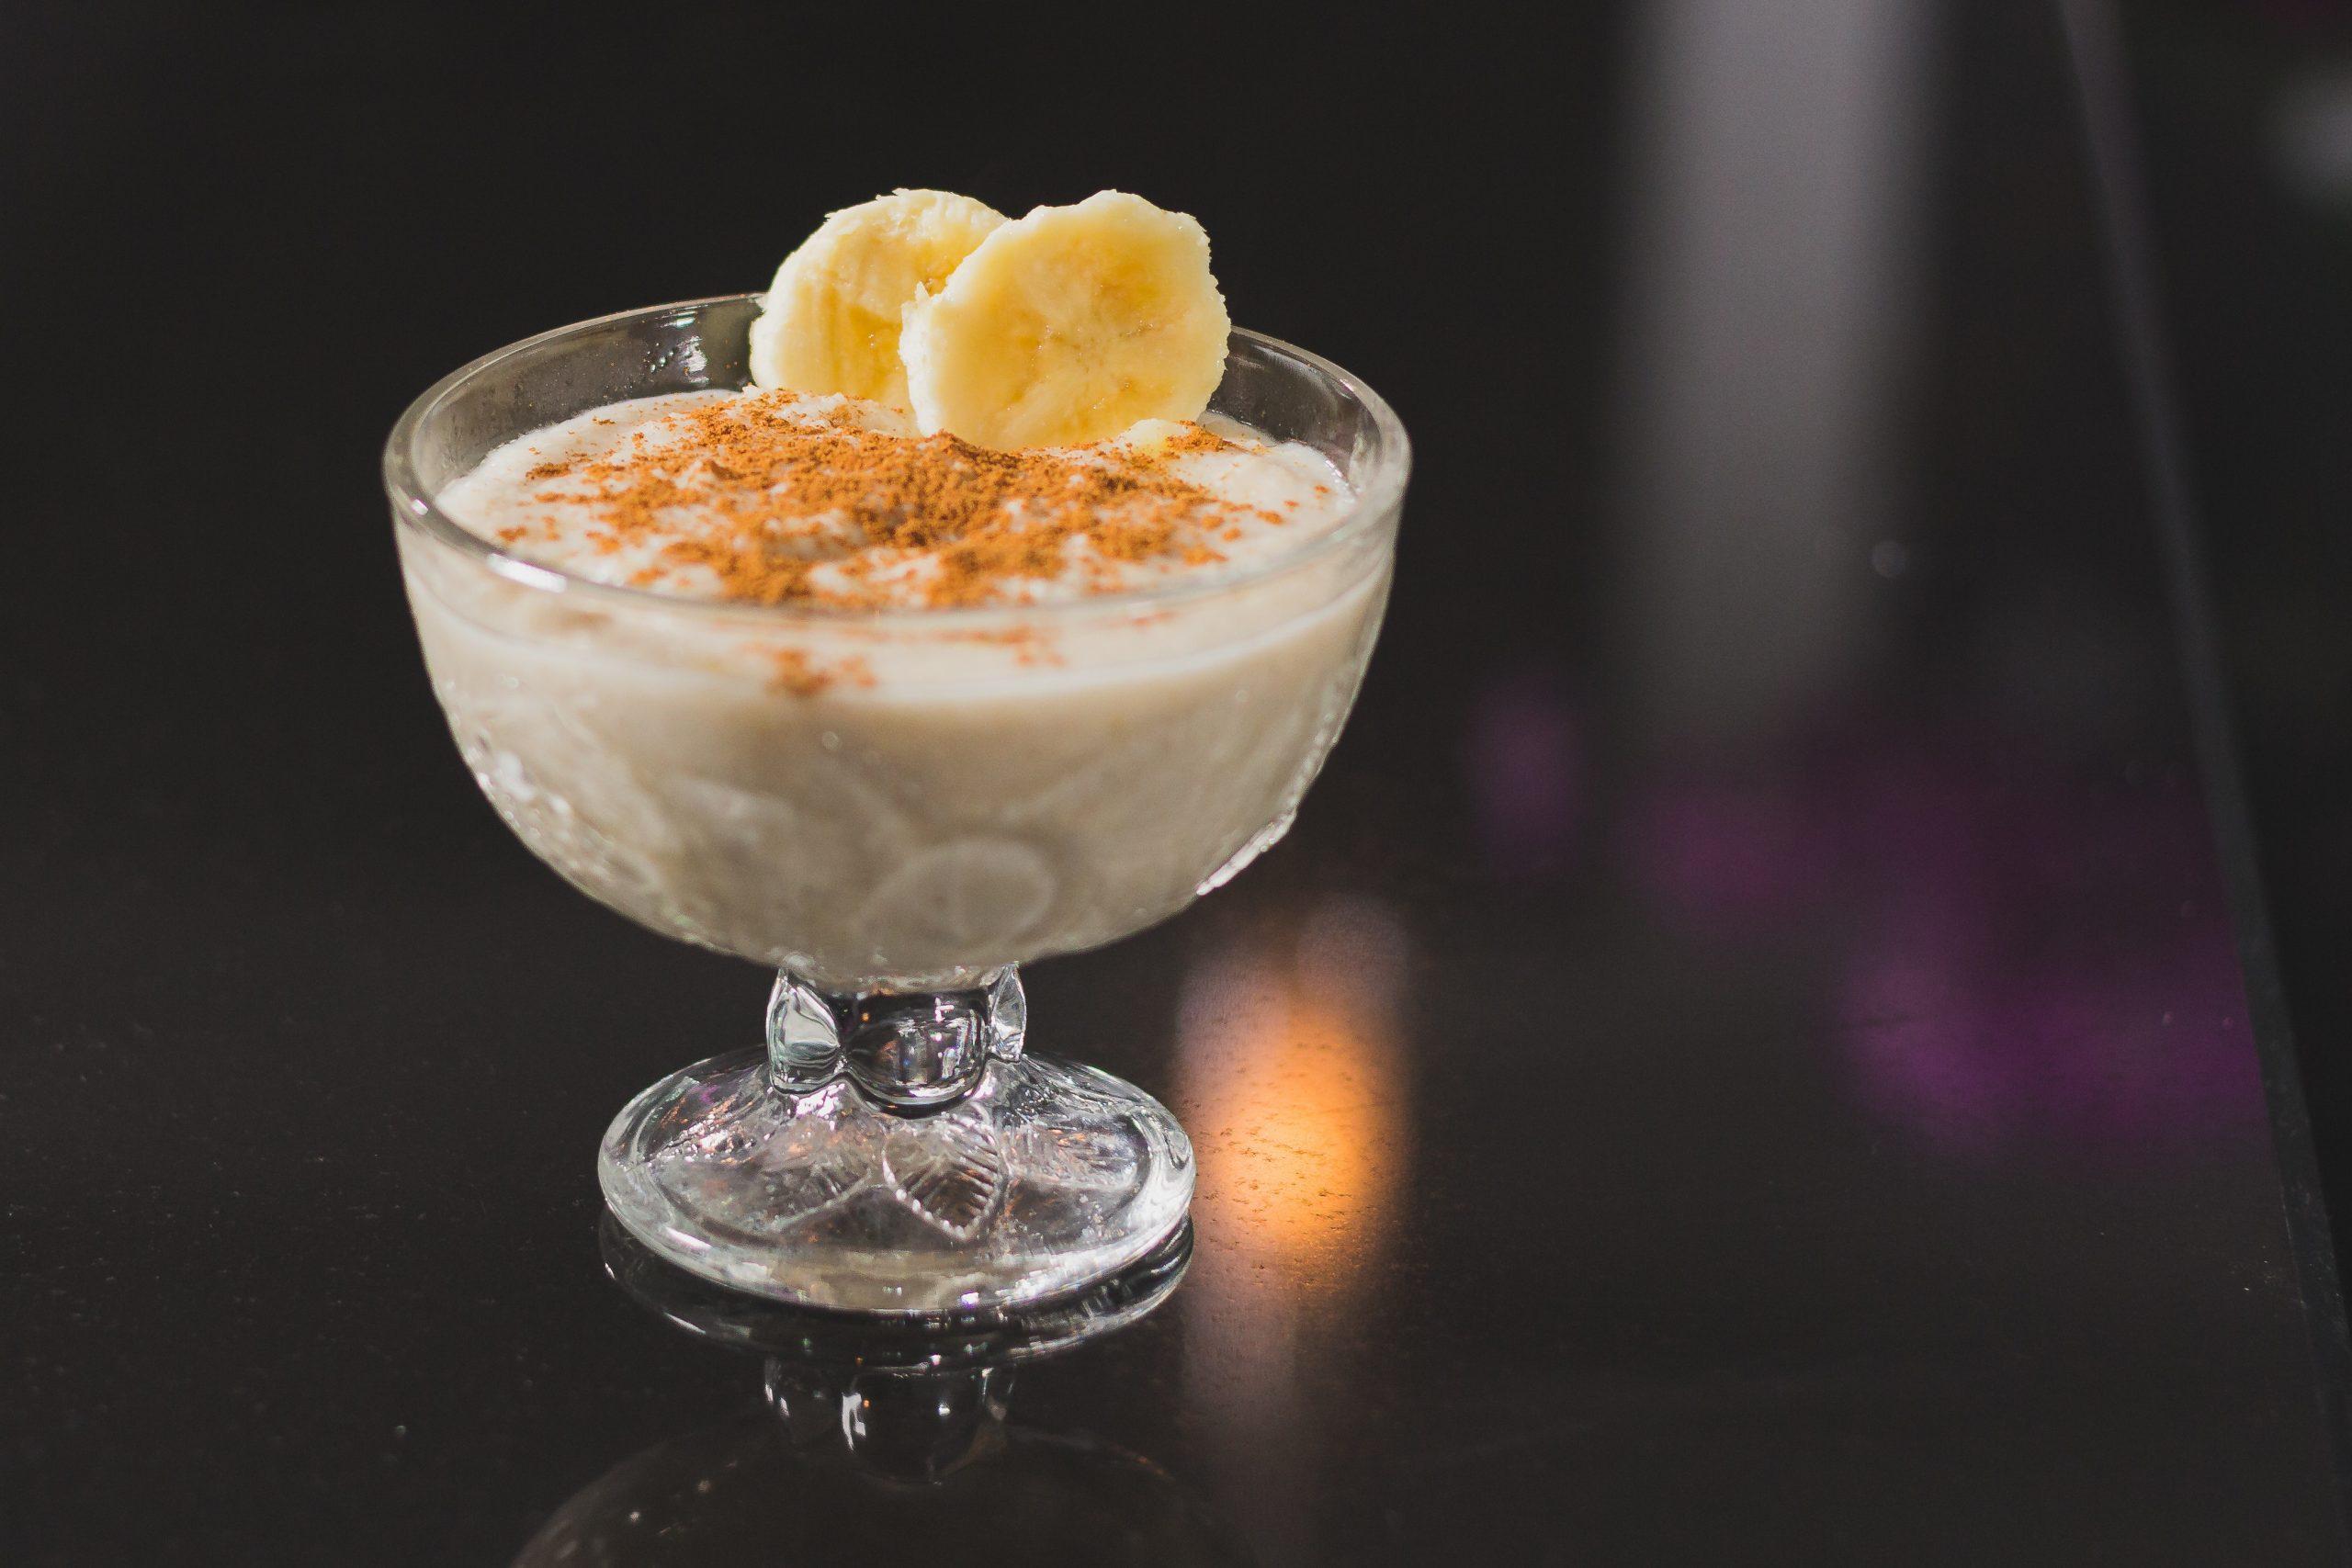 Desayuno vegano: Smoothie de avellana y banano